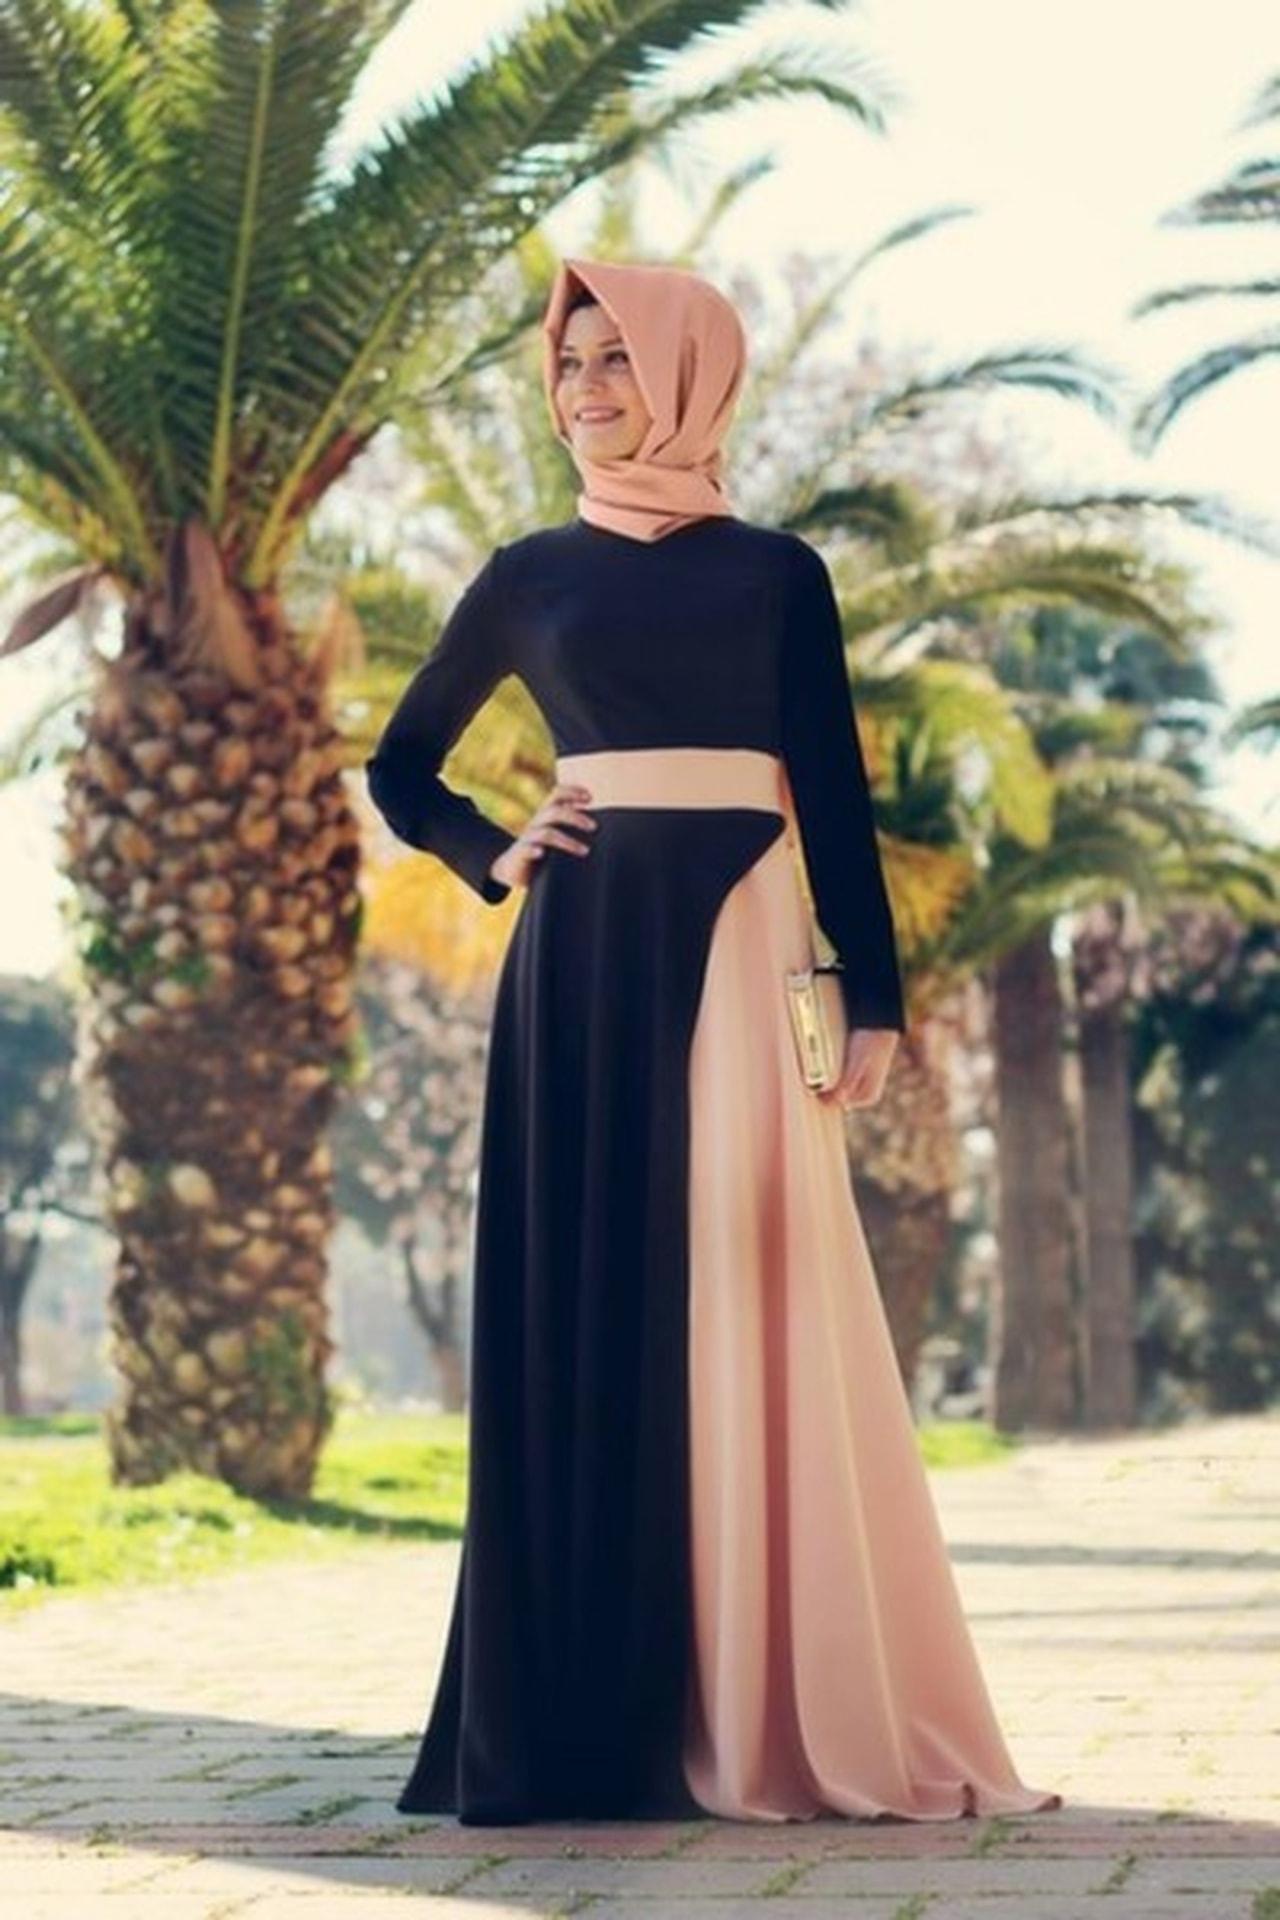 بالصور اجمل الفساتين للمحجبات , ملابس محجبات شيك جدا 1704 1